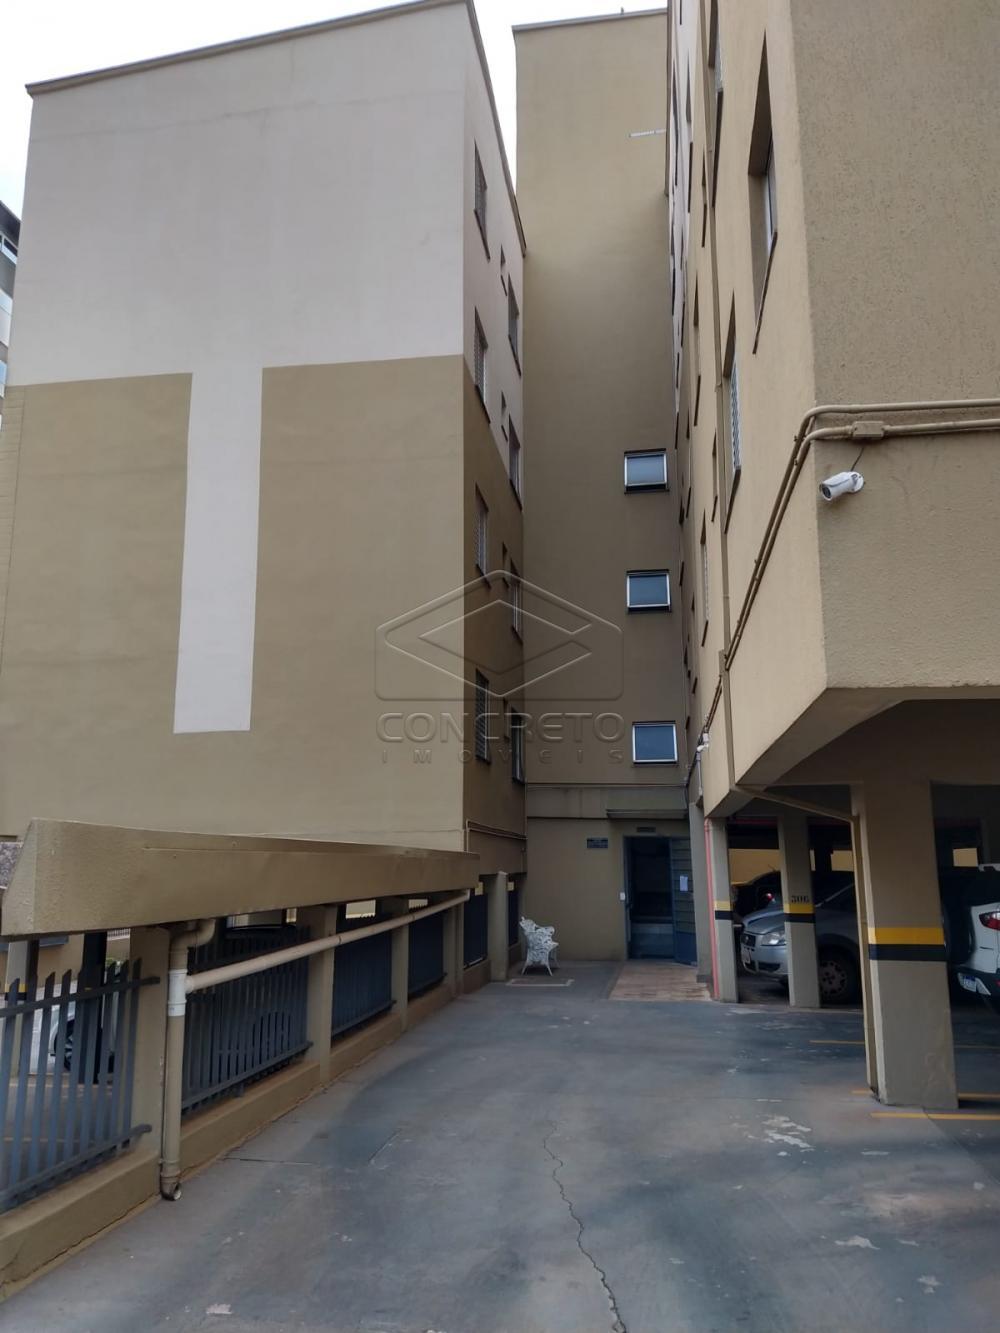 Comprar Apartamento / Padrão em Bauru R$ 190.000,00 - Foto 12